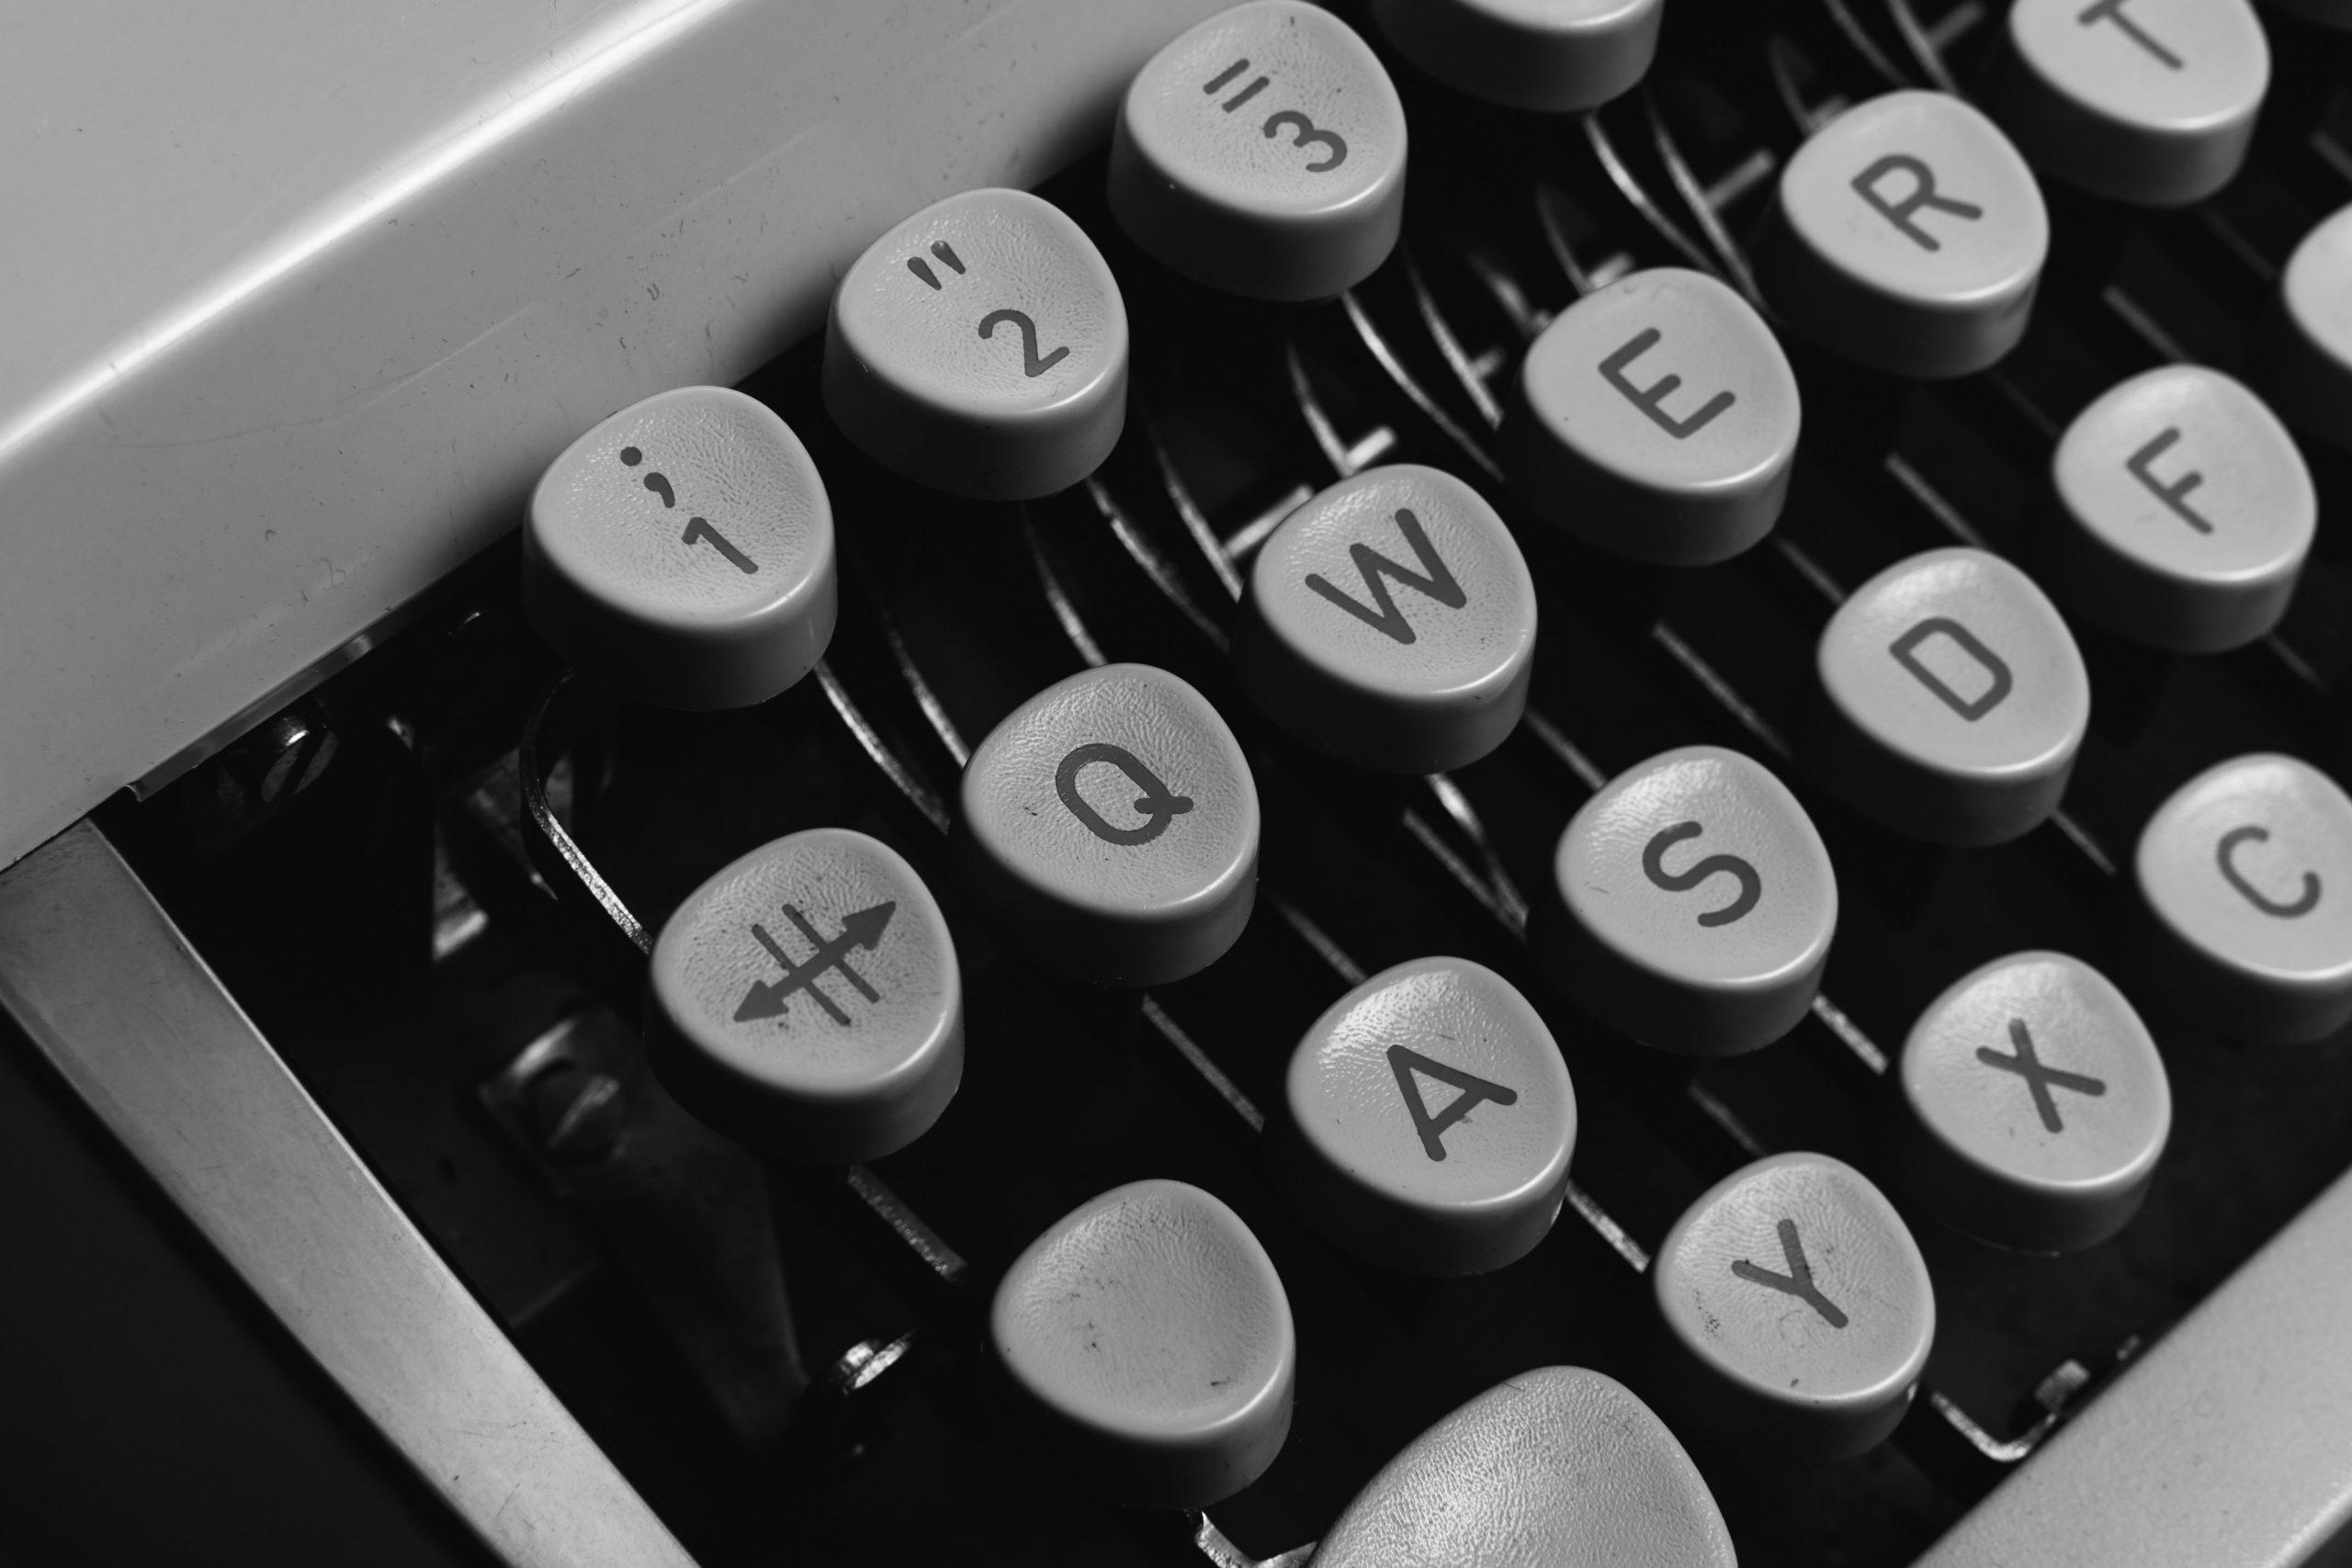 5 úspešných tipov pre publikovanie tlačovej správy